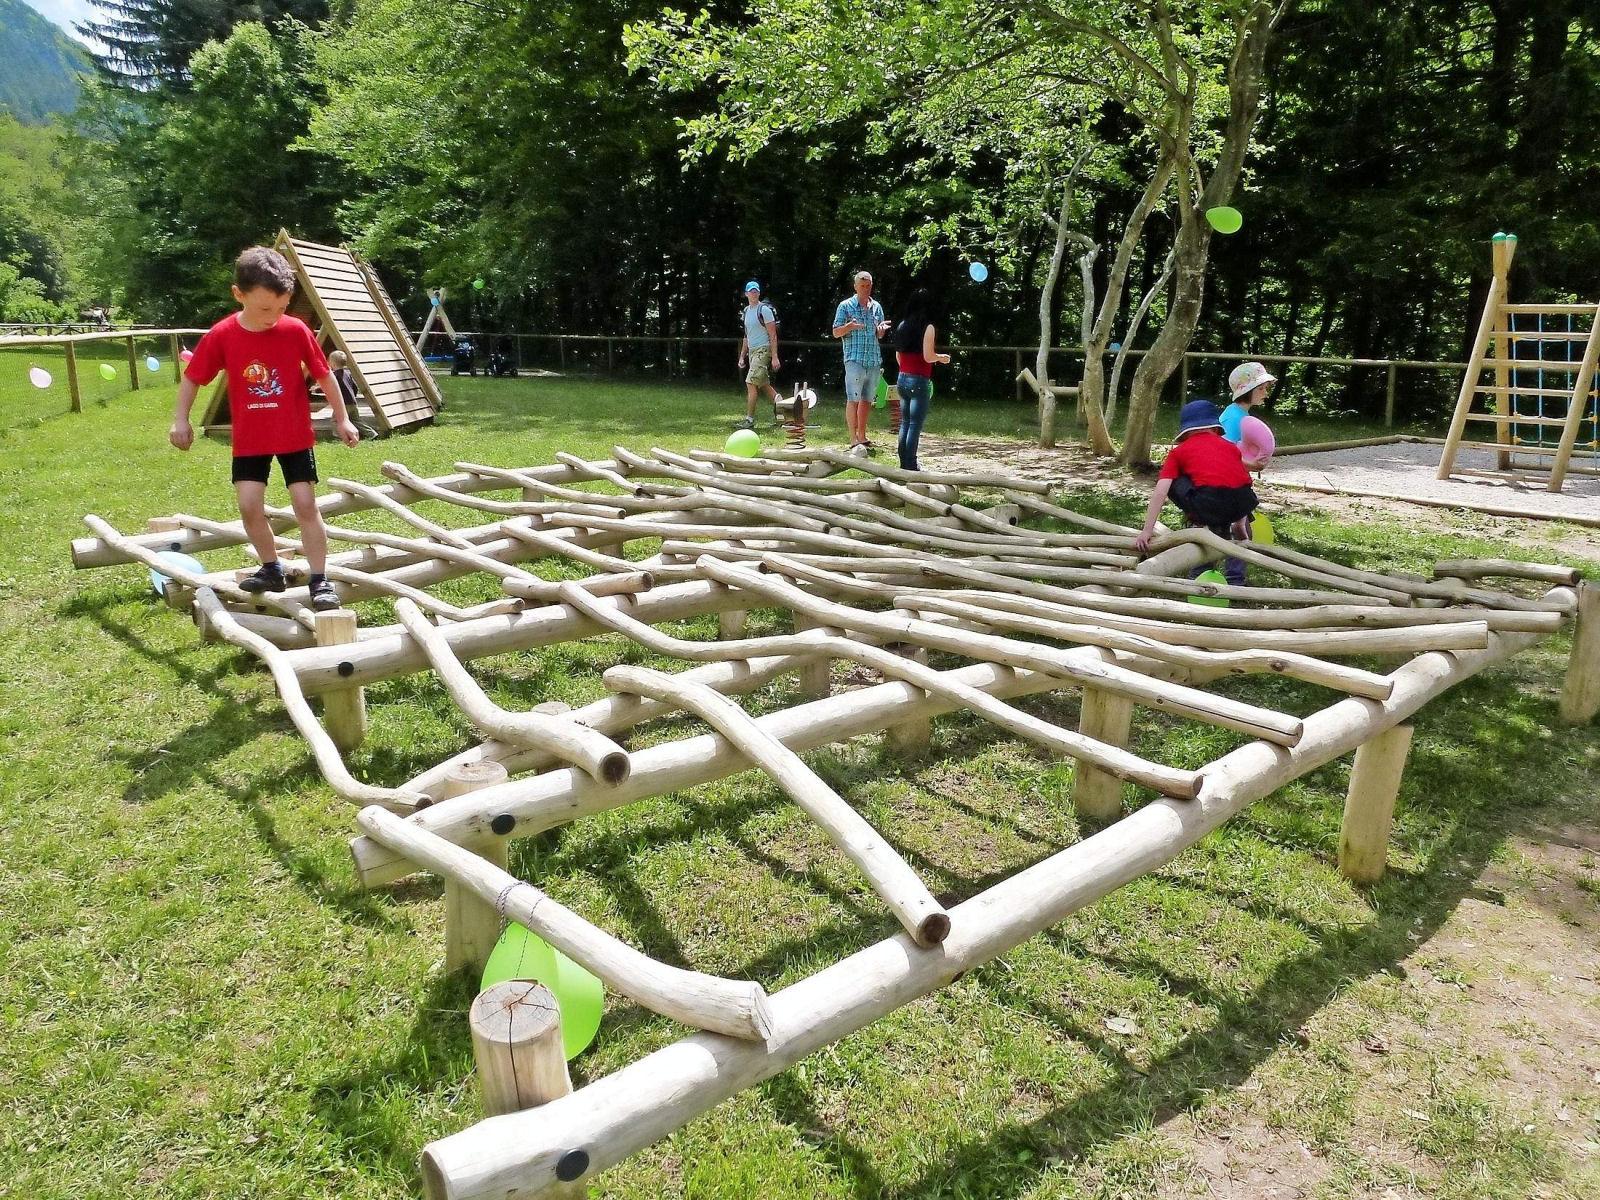 children-playground-001-recreation-park-zavrsnica